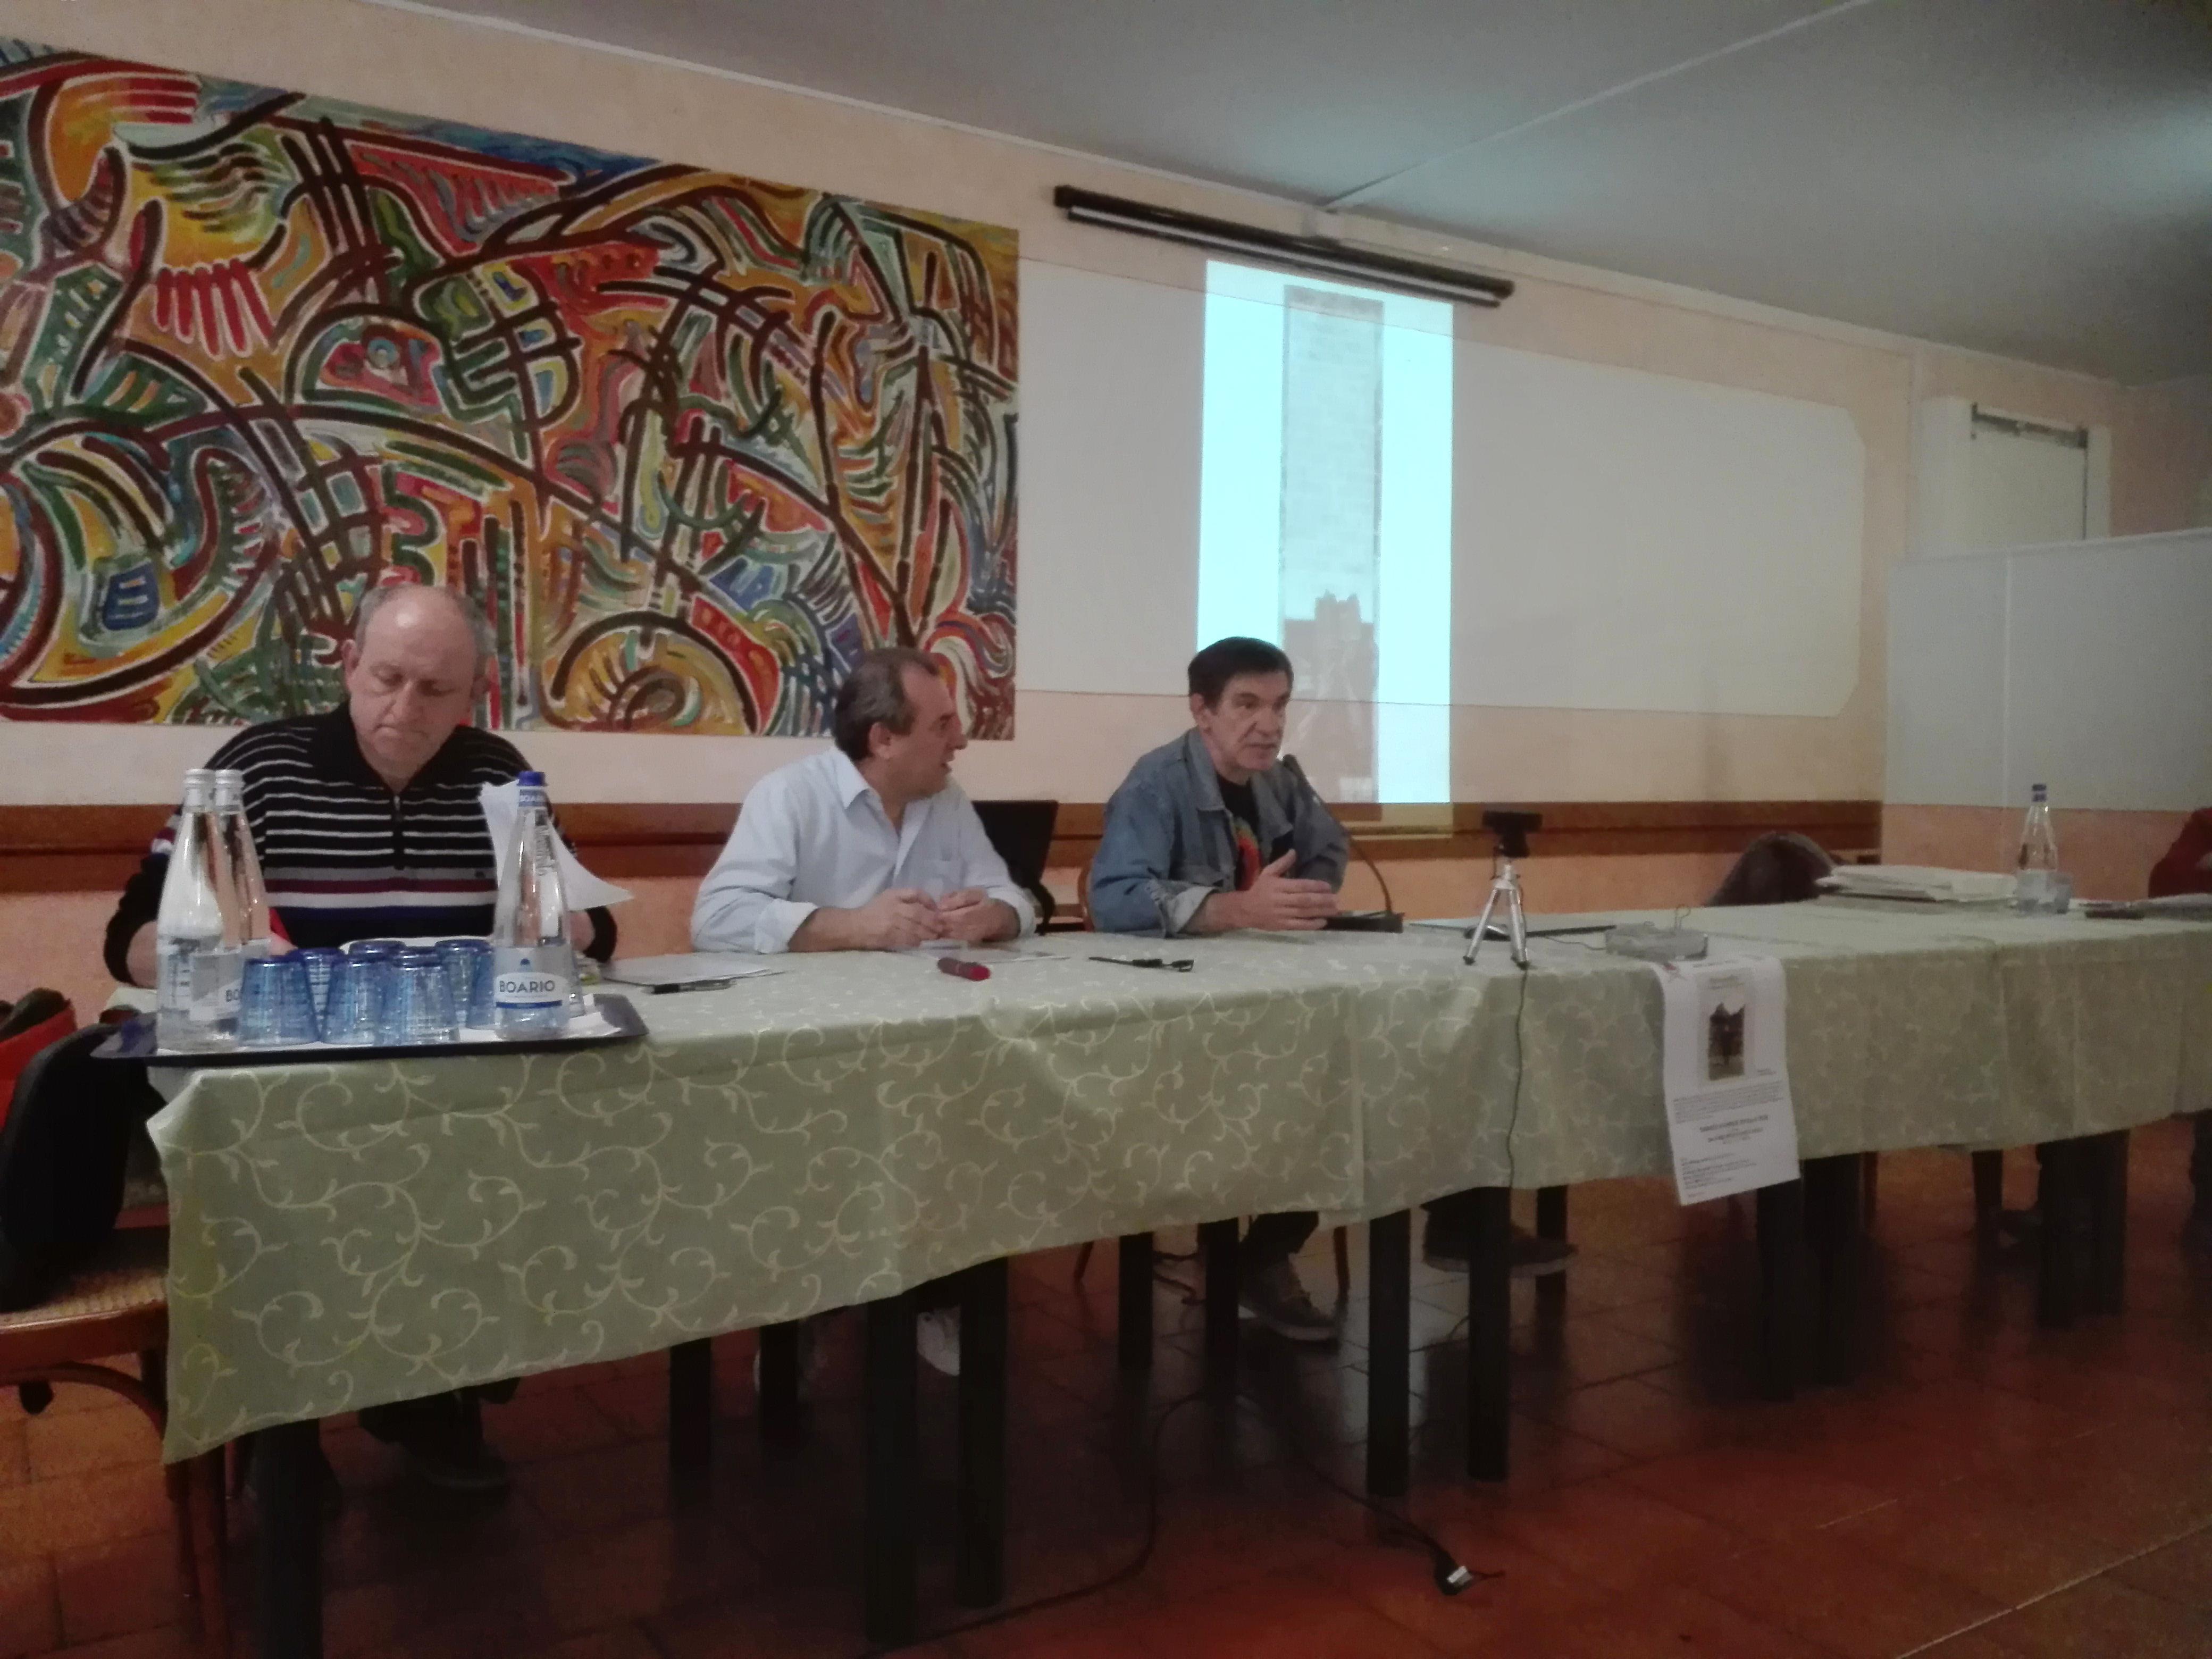 21_assemblea circolo ghislandi 30 marzo 2019